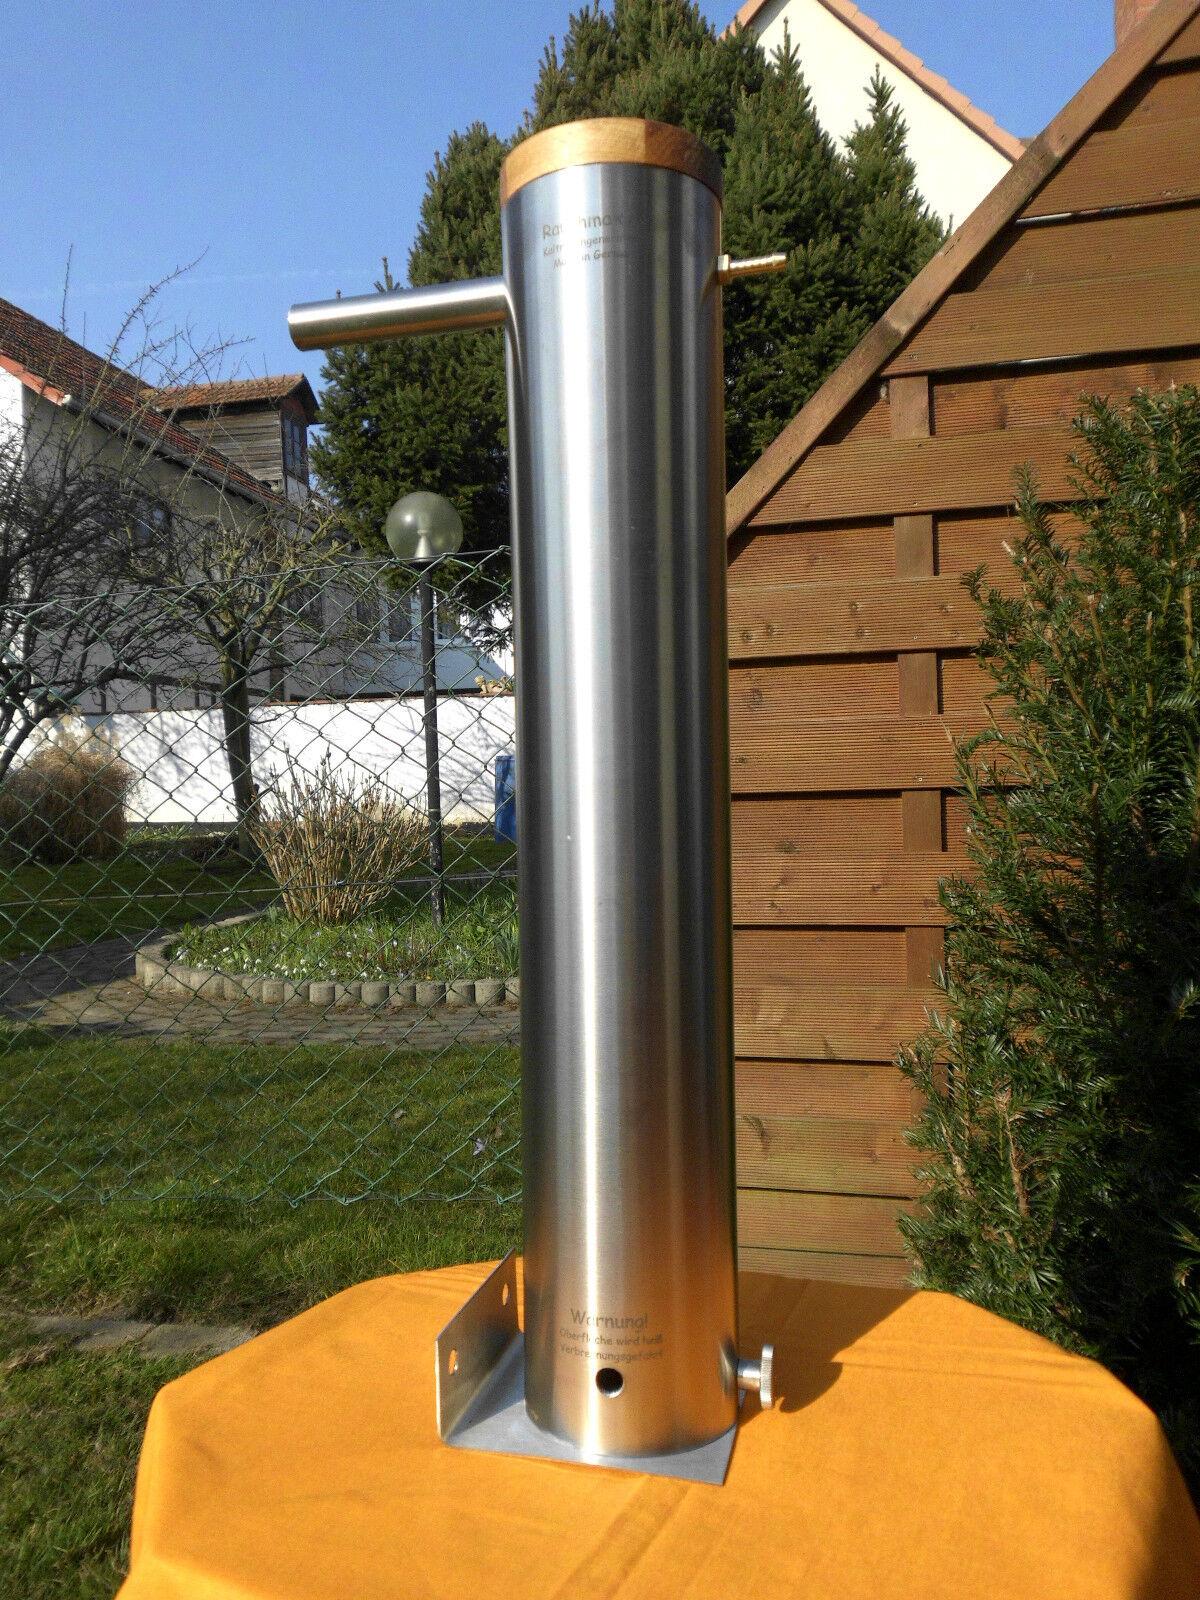 Kaltrauchgenerator Rauchmax XL Edelstahl Raucherzeuger Kaltraucherzeuger 6-7 Std